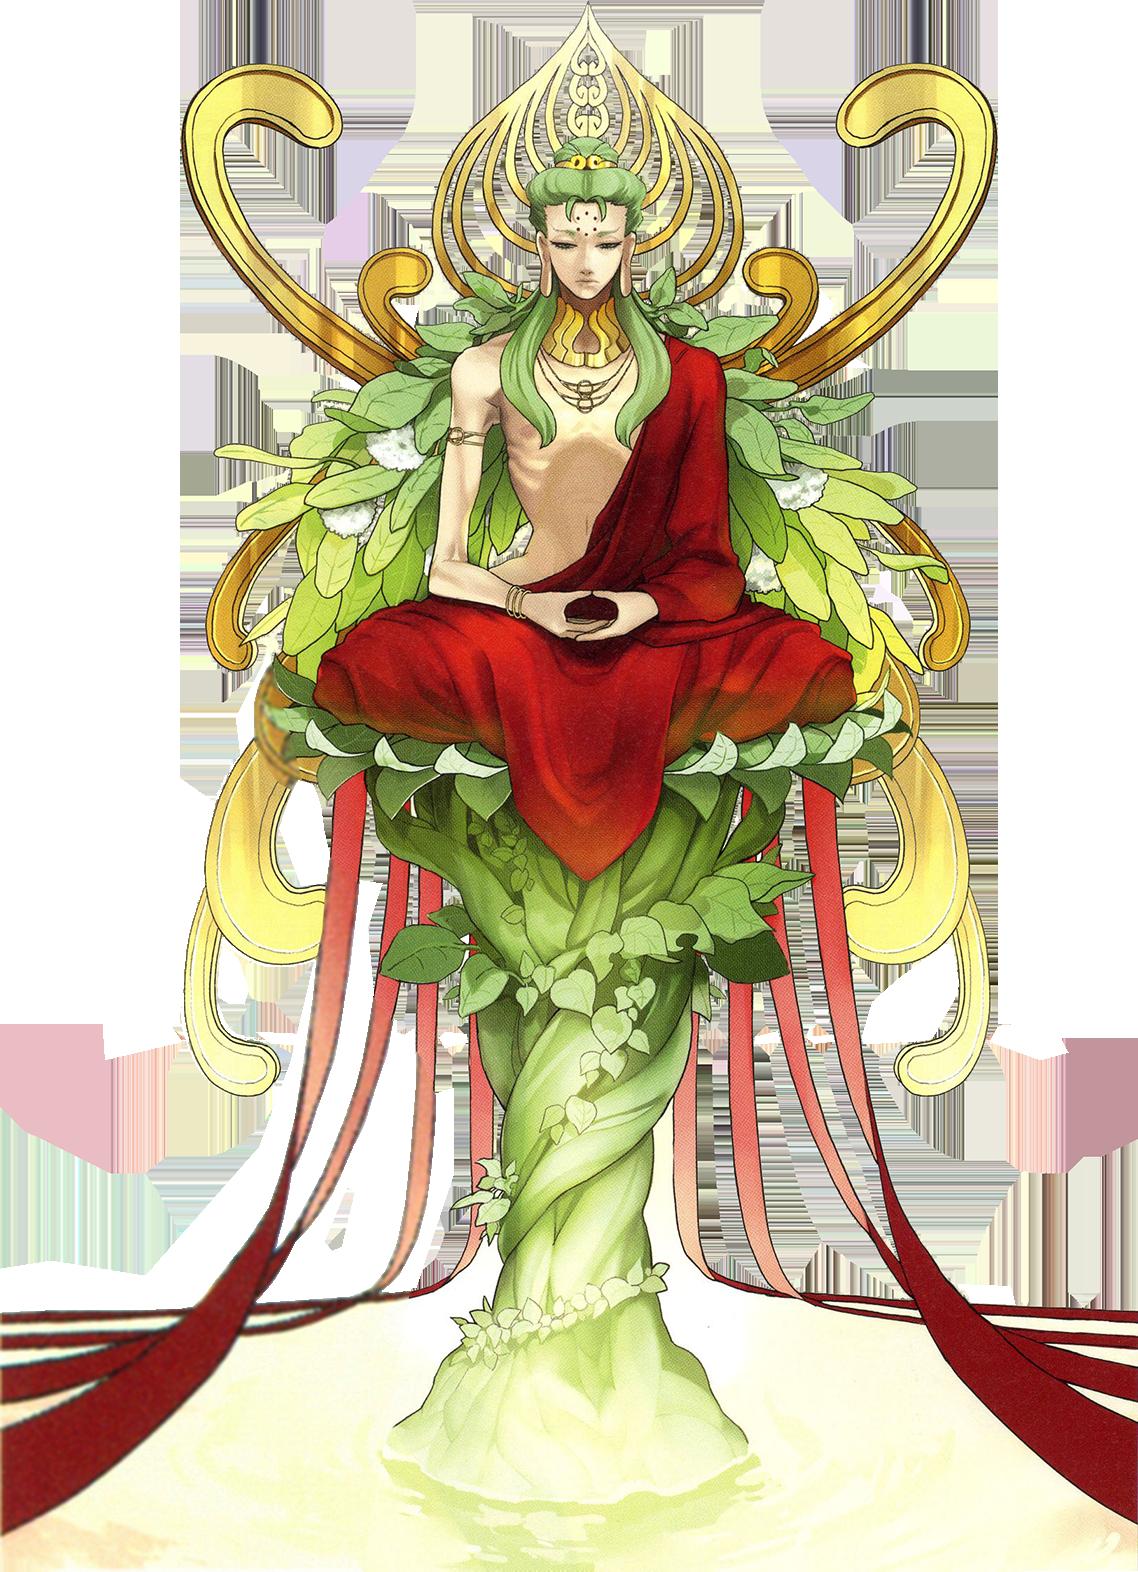 Saver (Fate/EXTRA)